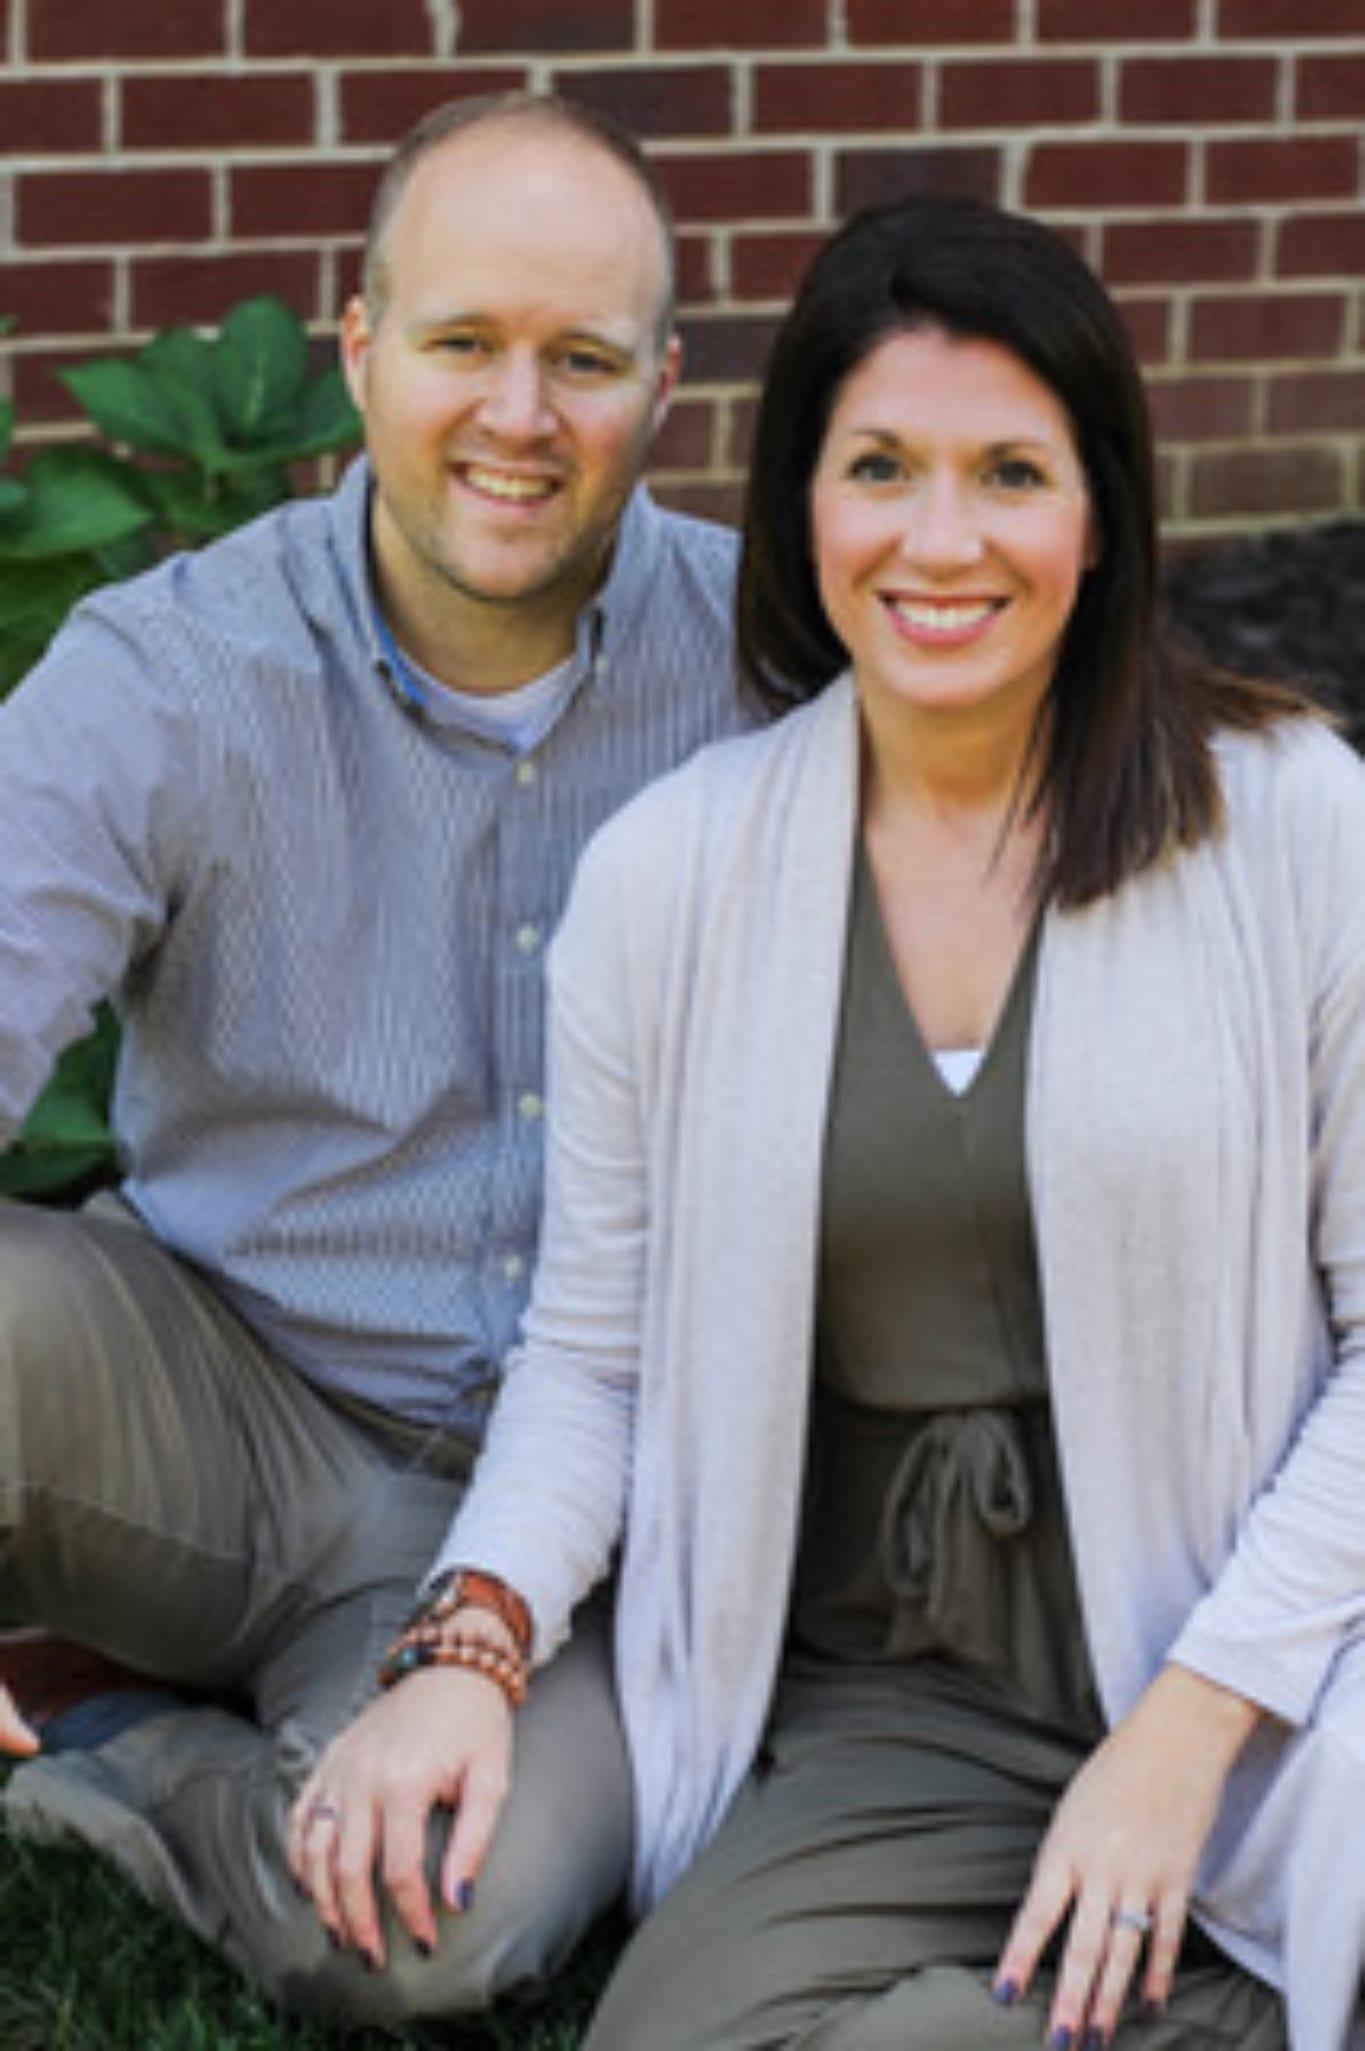 Joseph & Kristen